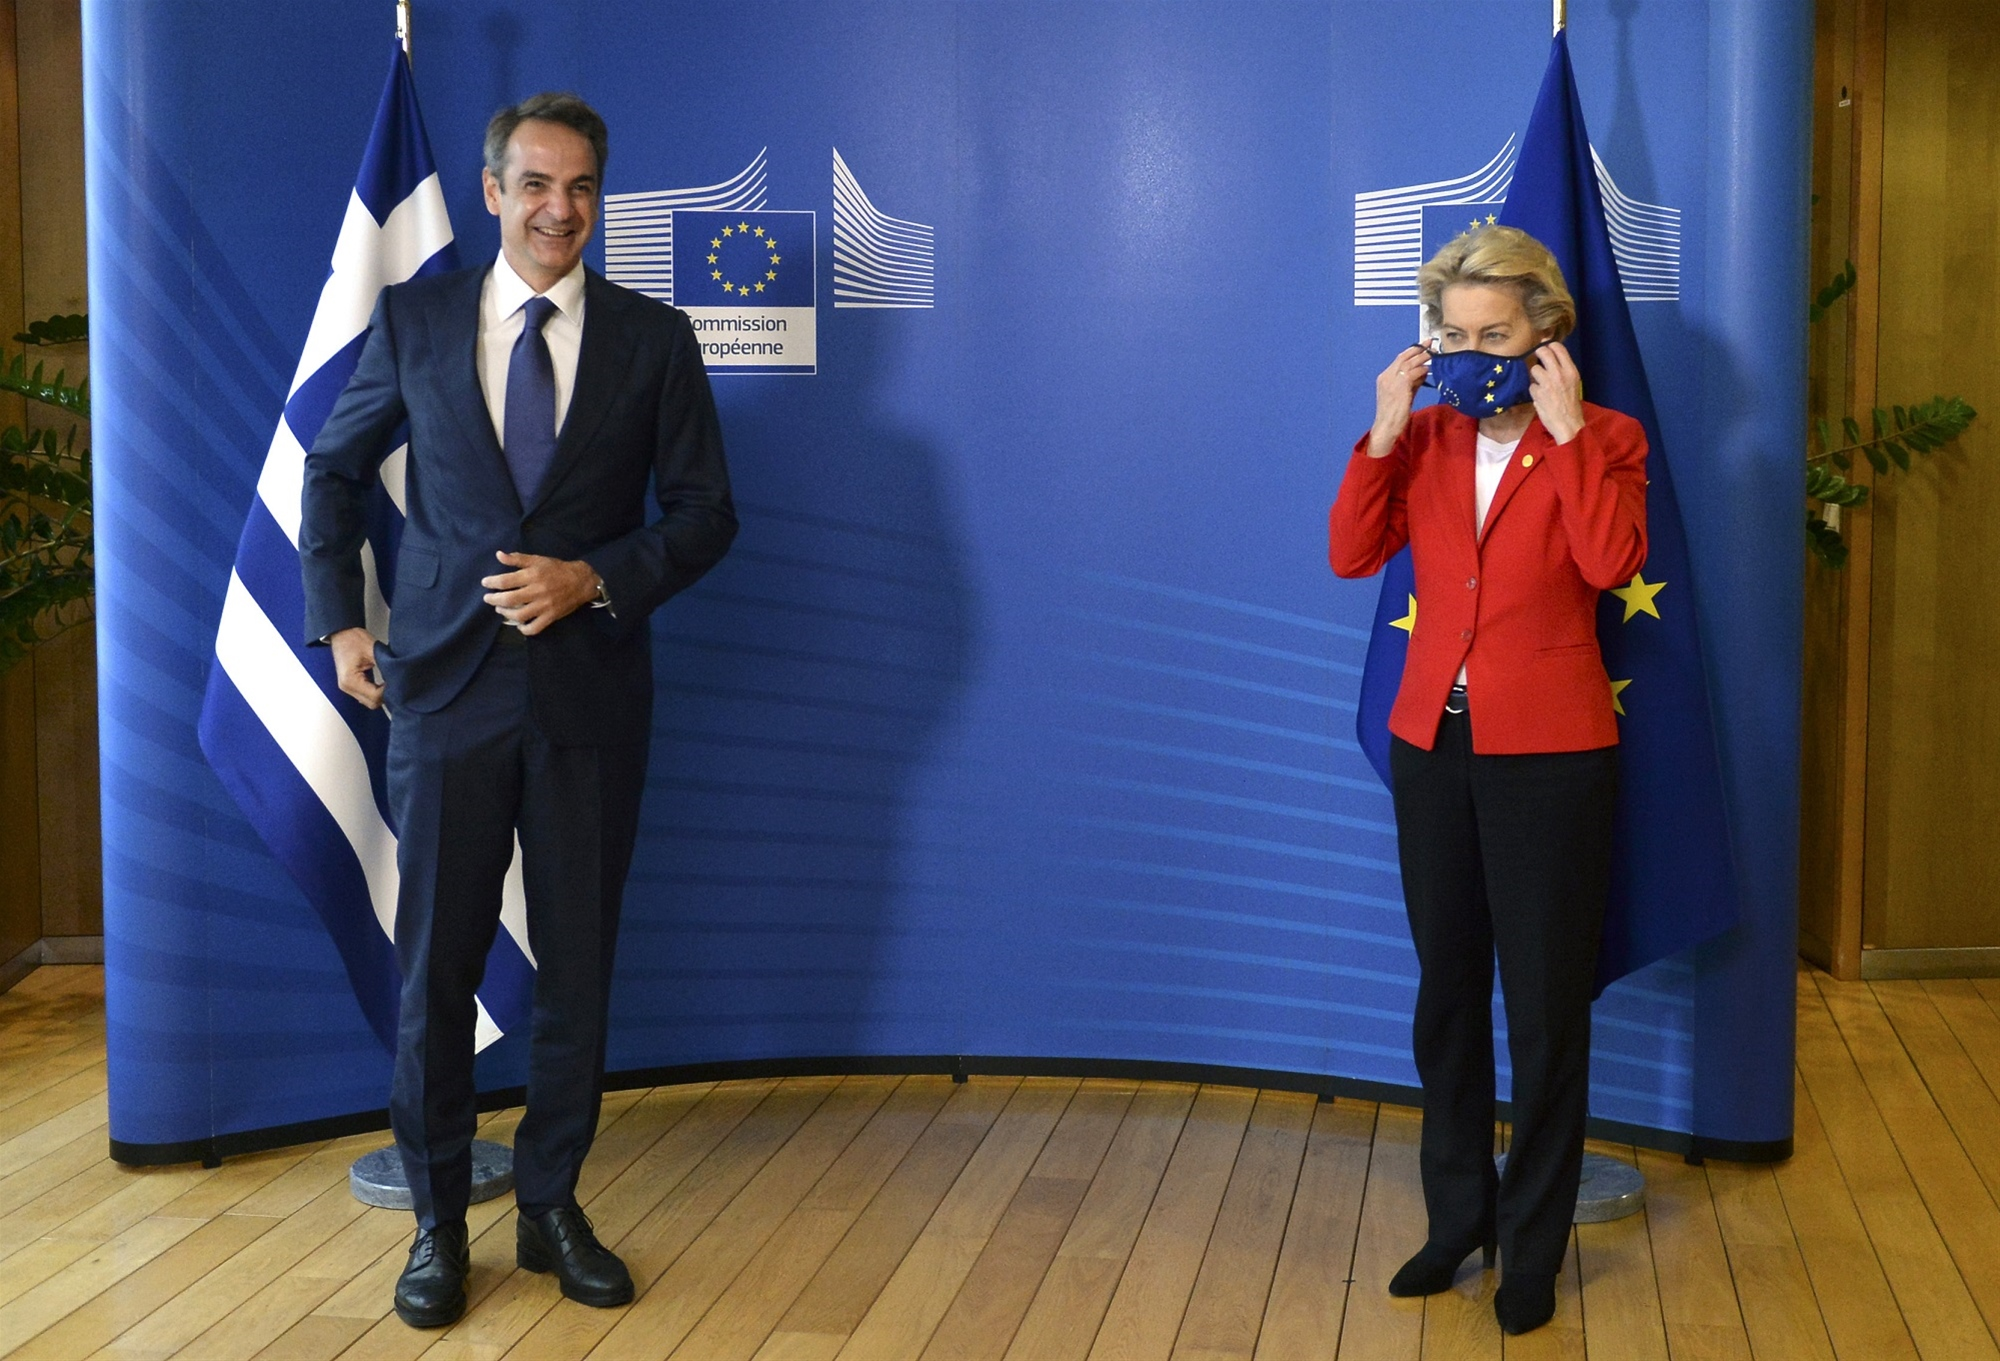 «Ελλάδα 2.0»: Η Ούρσουλα Φον Ντερ Λάιεν δίνει το «πράσινο φως» για τα 32 δισ. ευρώ